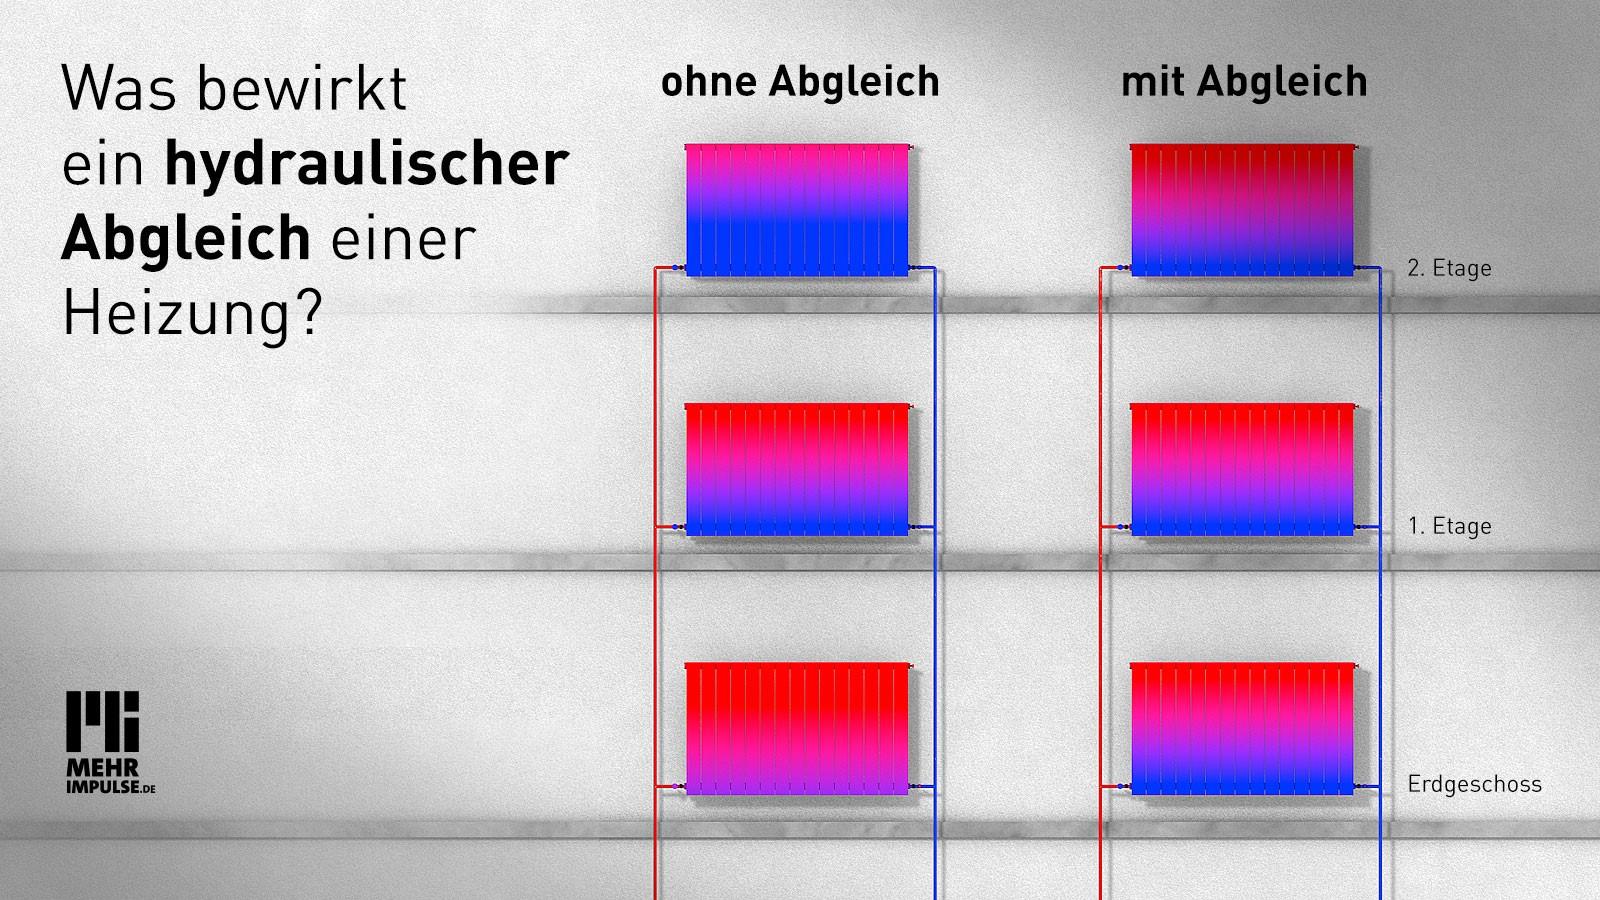 Schematische Darstellung der Heizwärmeverteilung in einem Gebäude vor und nach hydraulischem Abgleich.